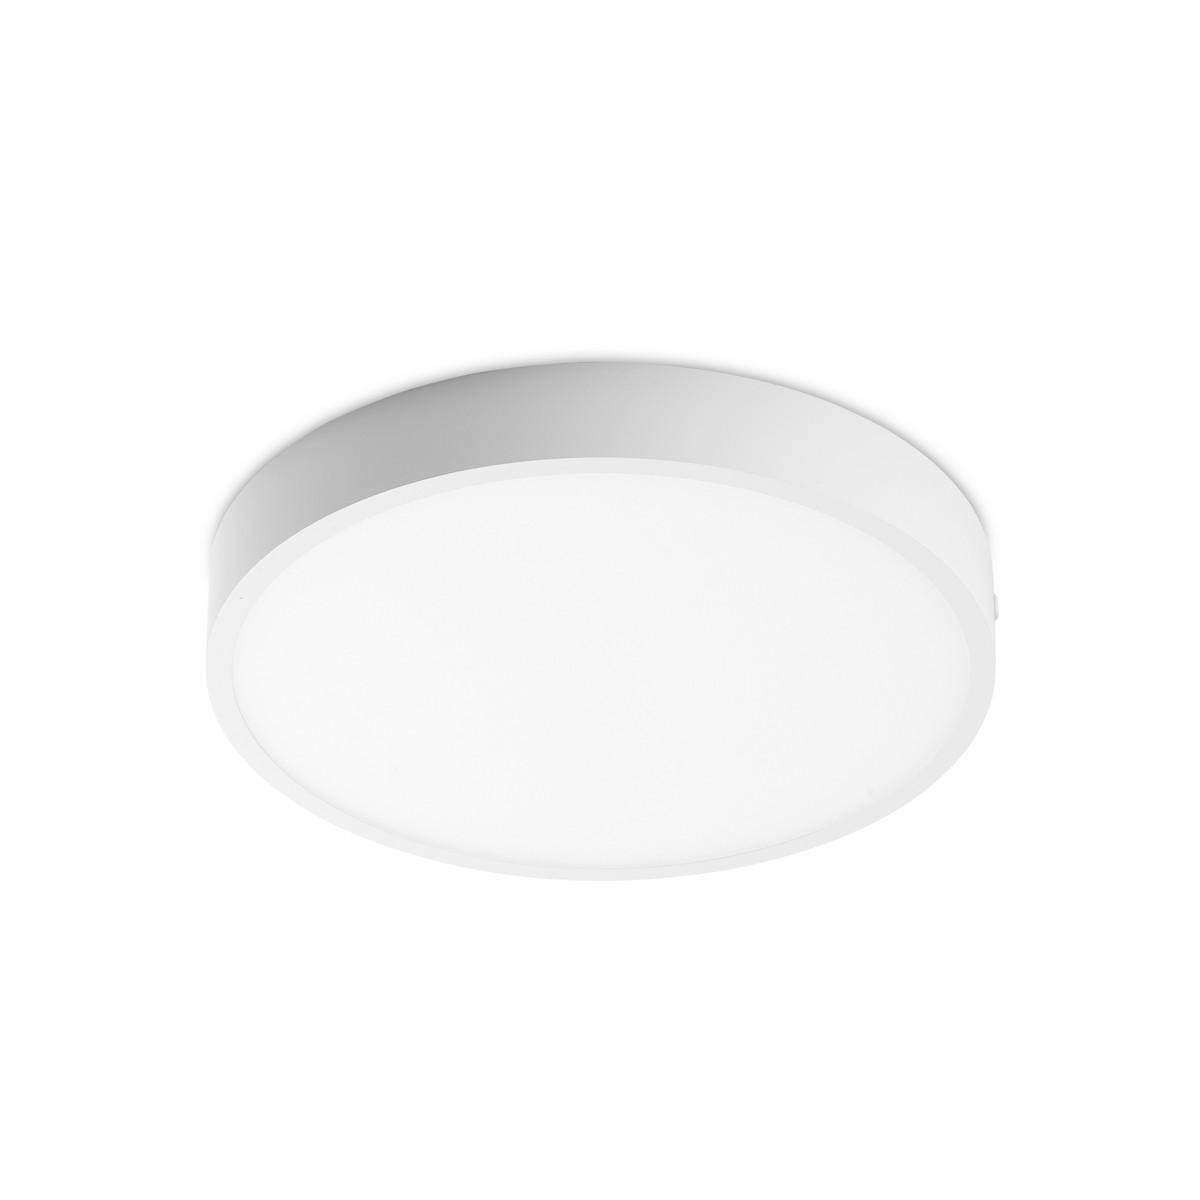 Downlight LED Kaju Redondo Blanco SPF 30W 4200K